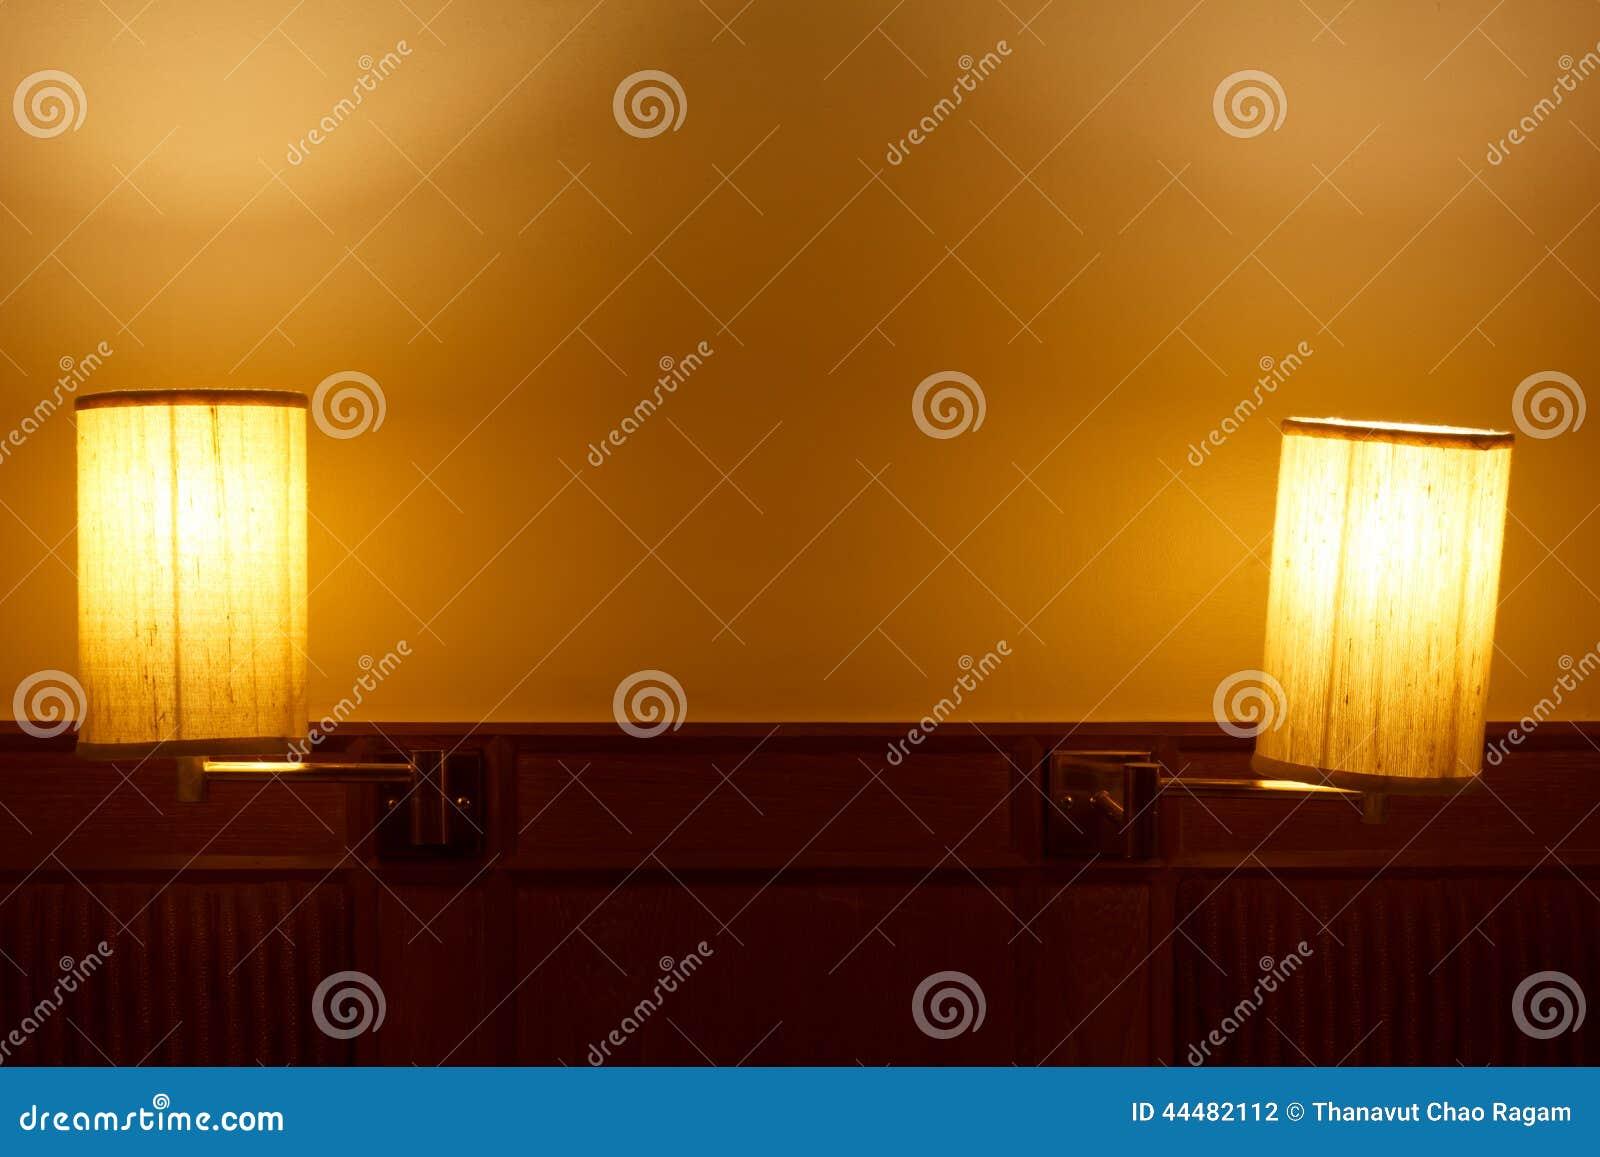 Lampen im Schlafzimmer stockfoto. Bild von bett, dekoration ...